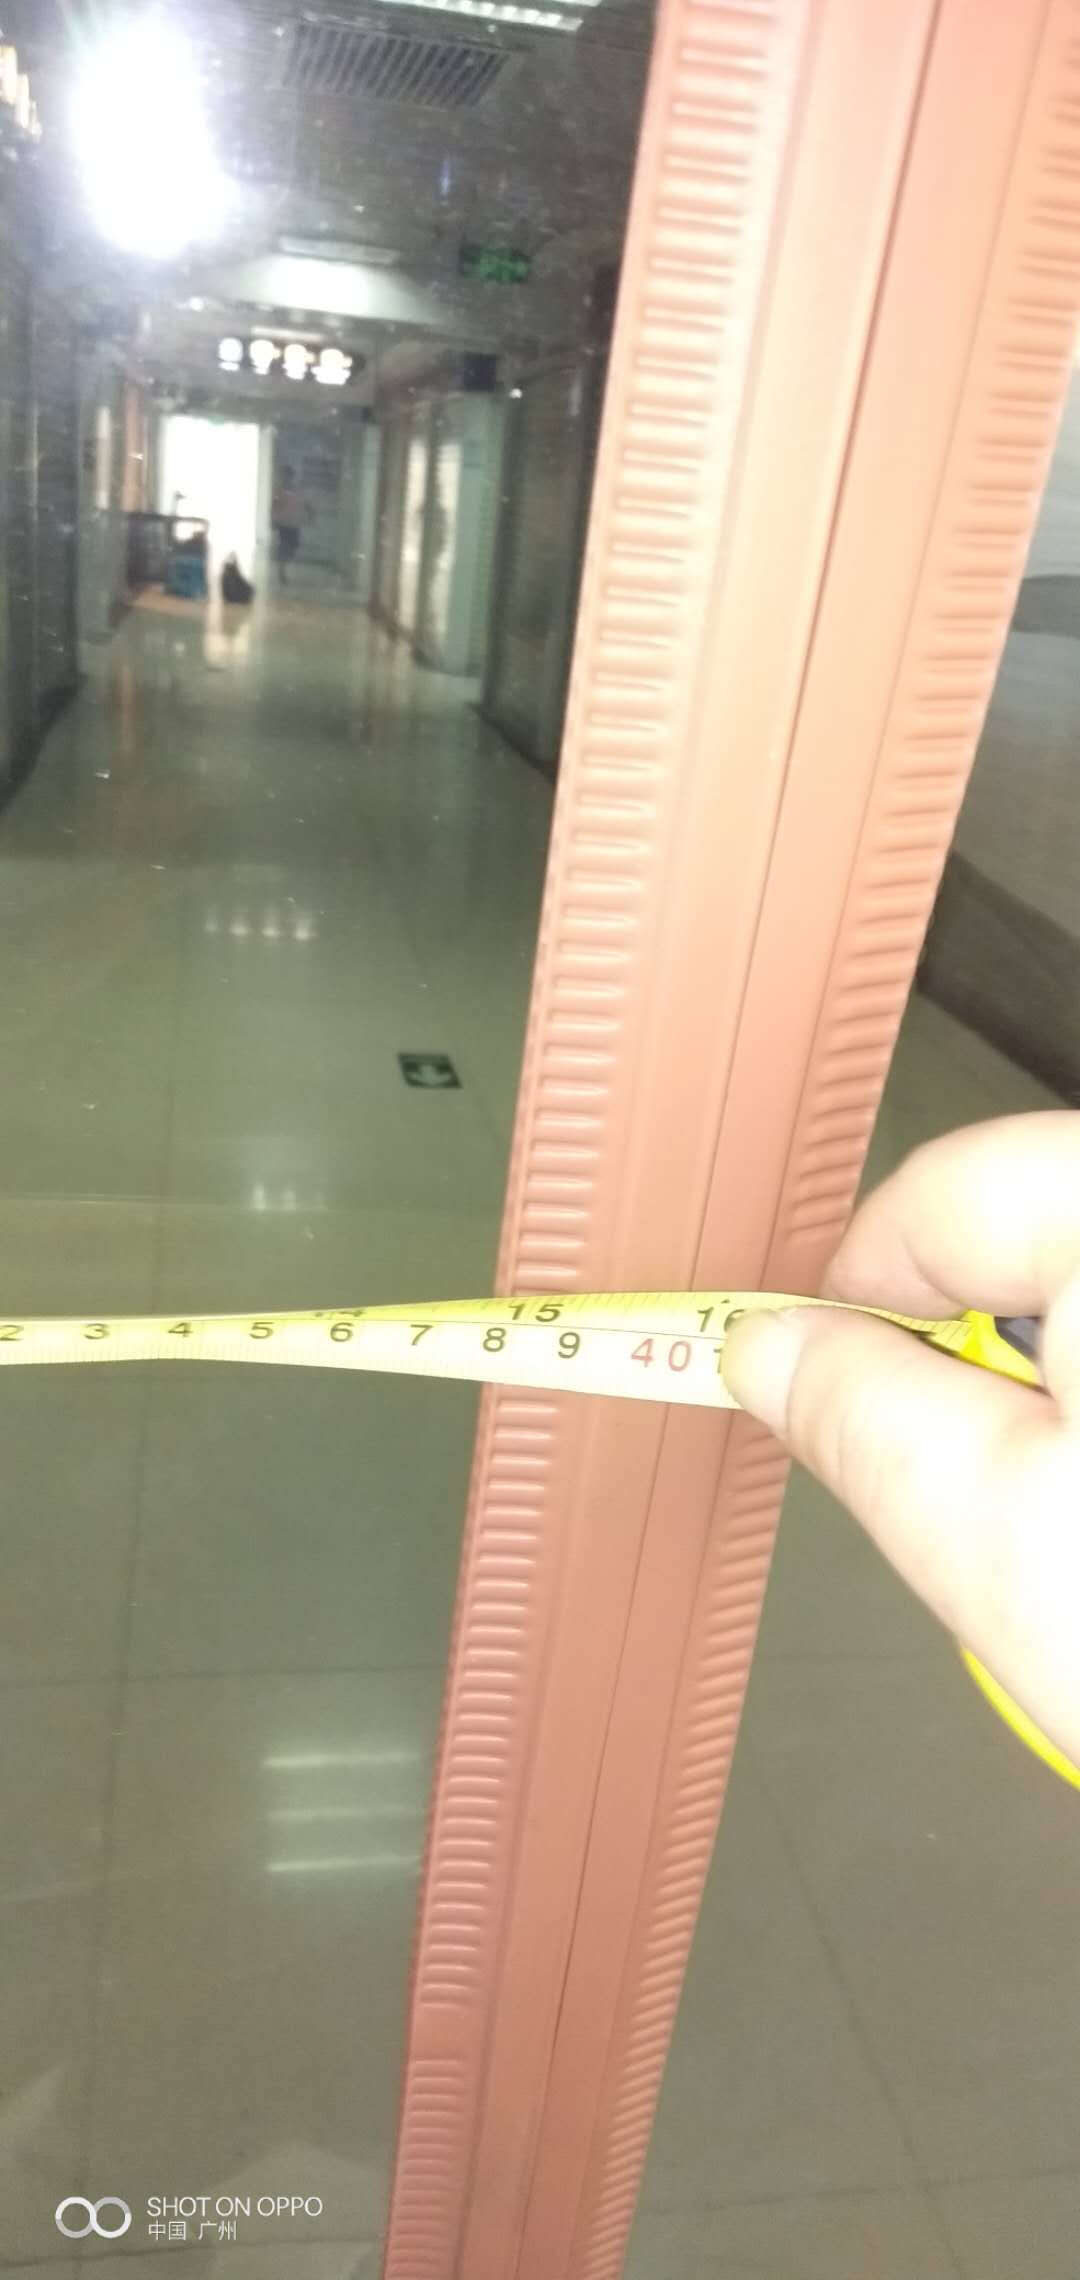 迪茵DIYIN空调门帘磁铁对吸隔断帘透明塑料pvc软门帘磁吸自吸家用挡风帘子厚度2.0mm定制尺寸联系客服